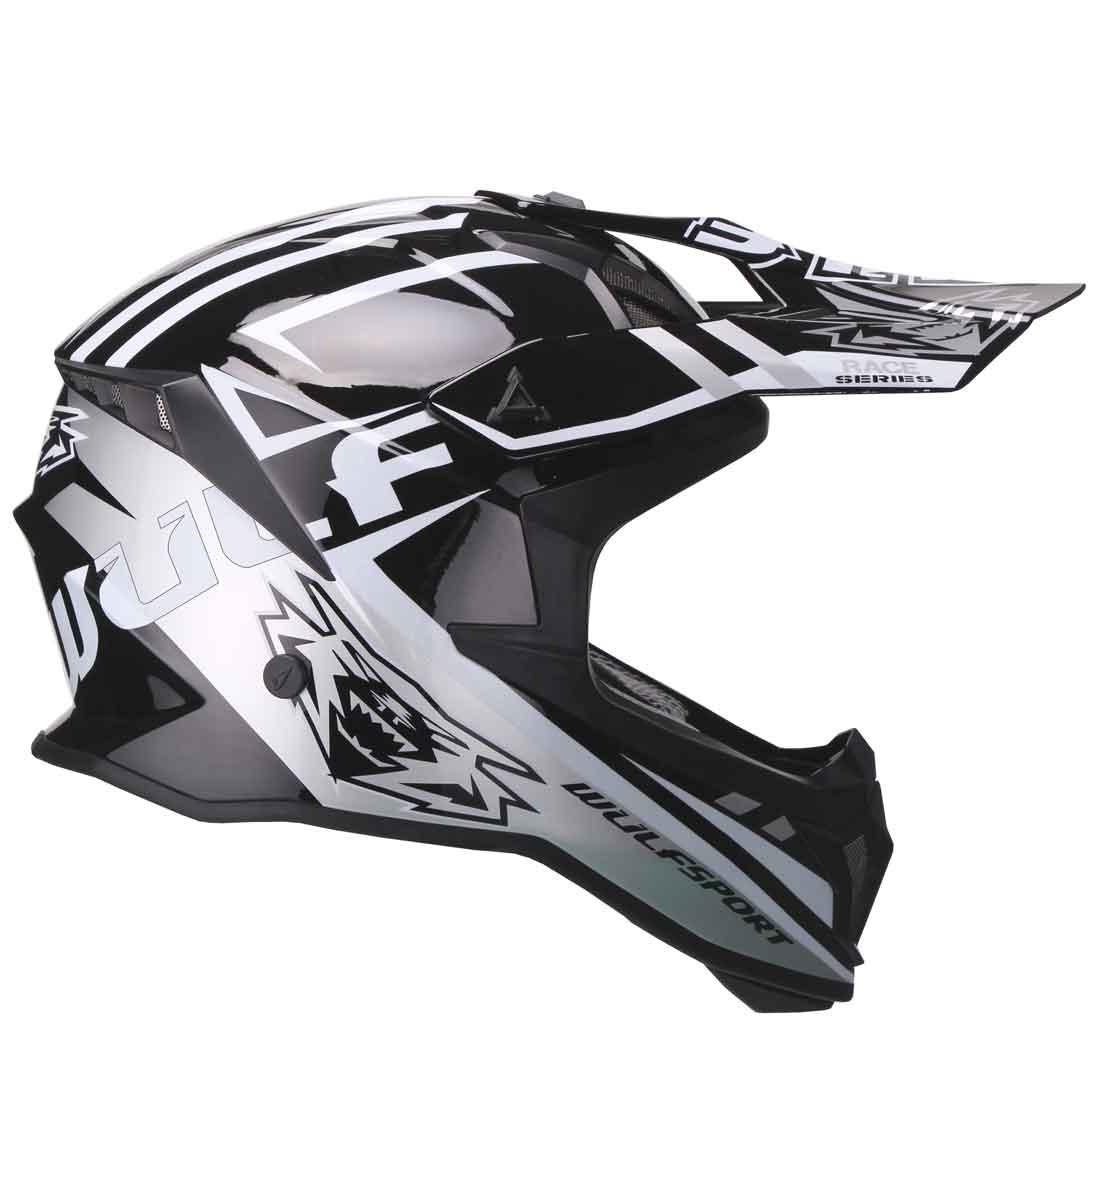 Wulfsport Race Series Helmet - ECE R 2205 - Black